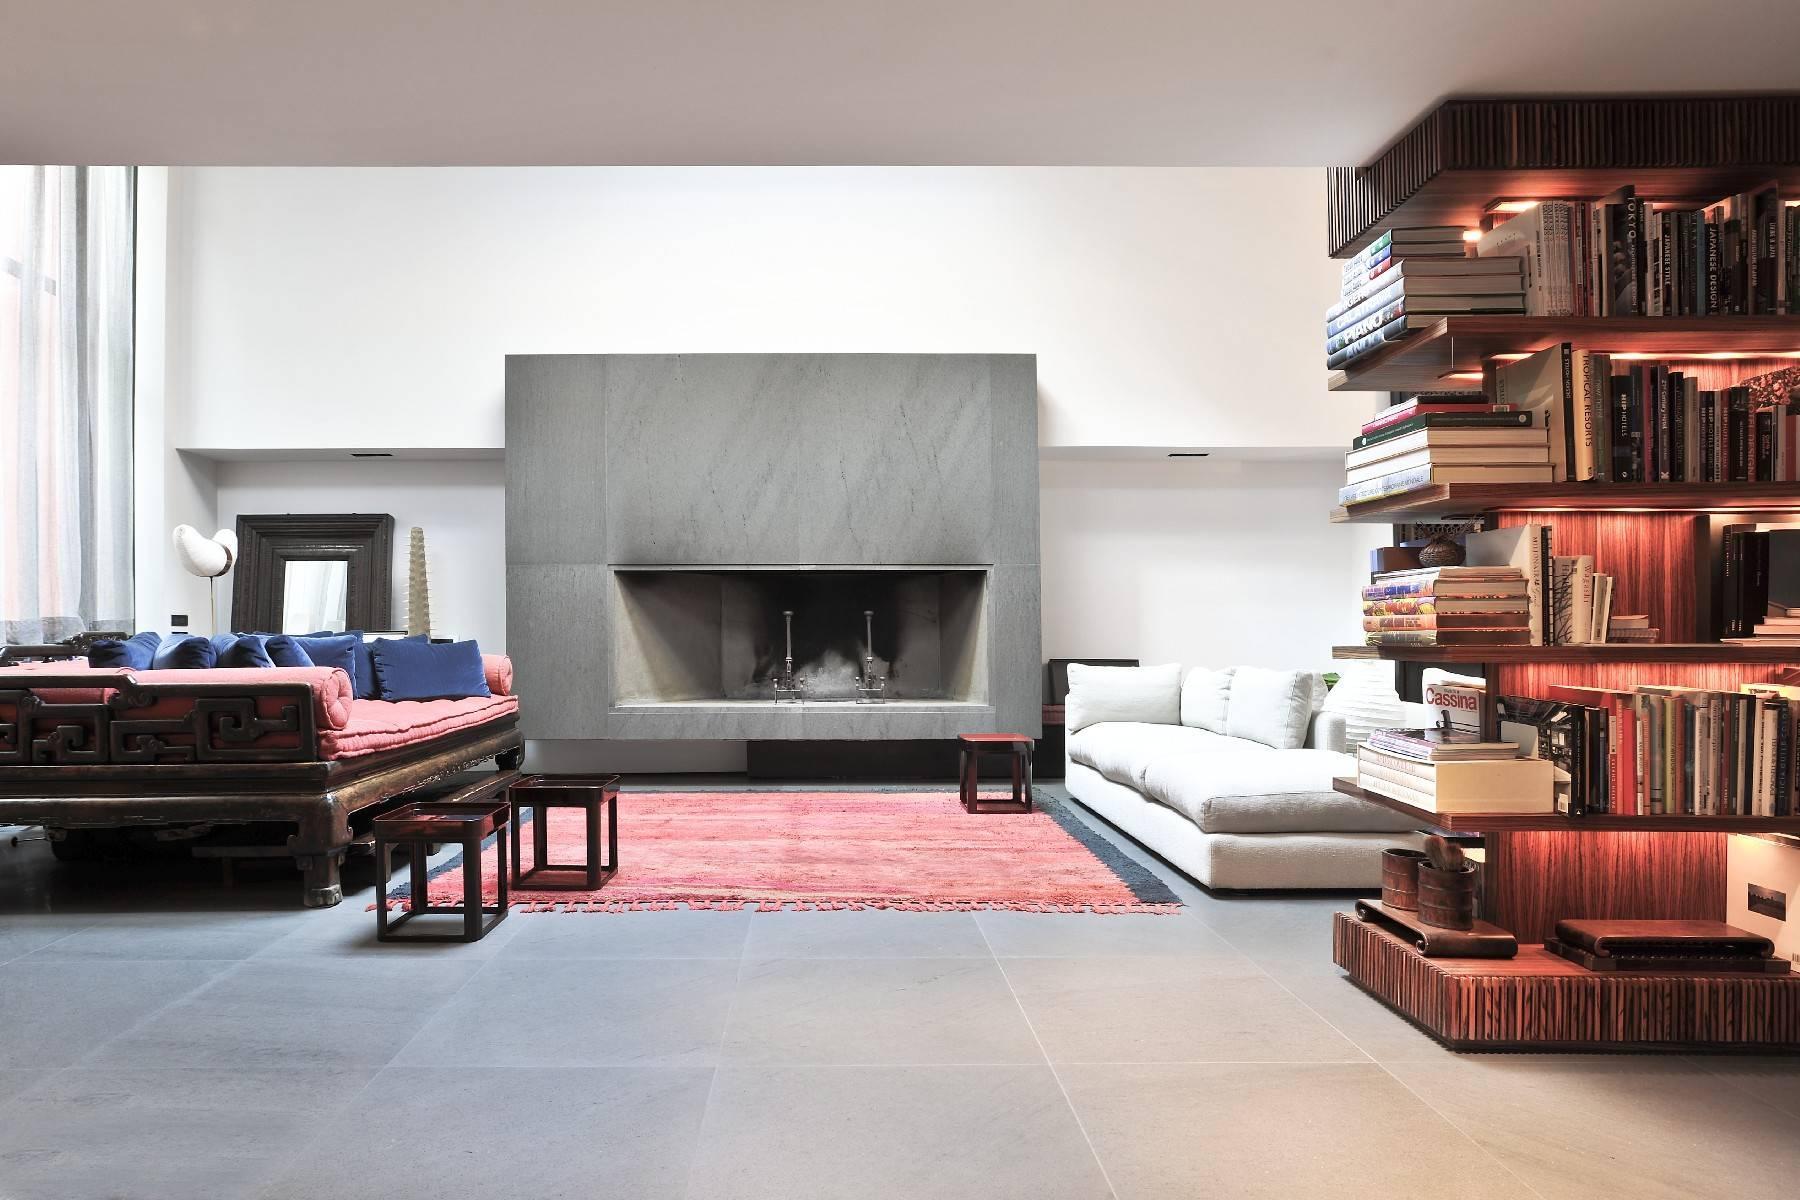 Spektakuläres Einfamilienhaus im zentralen Stadtviertel Mailands - 19